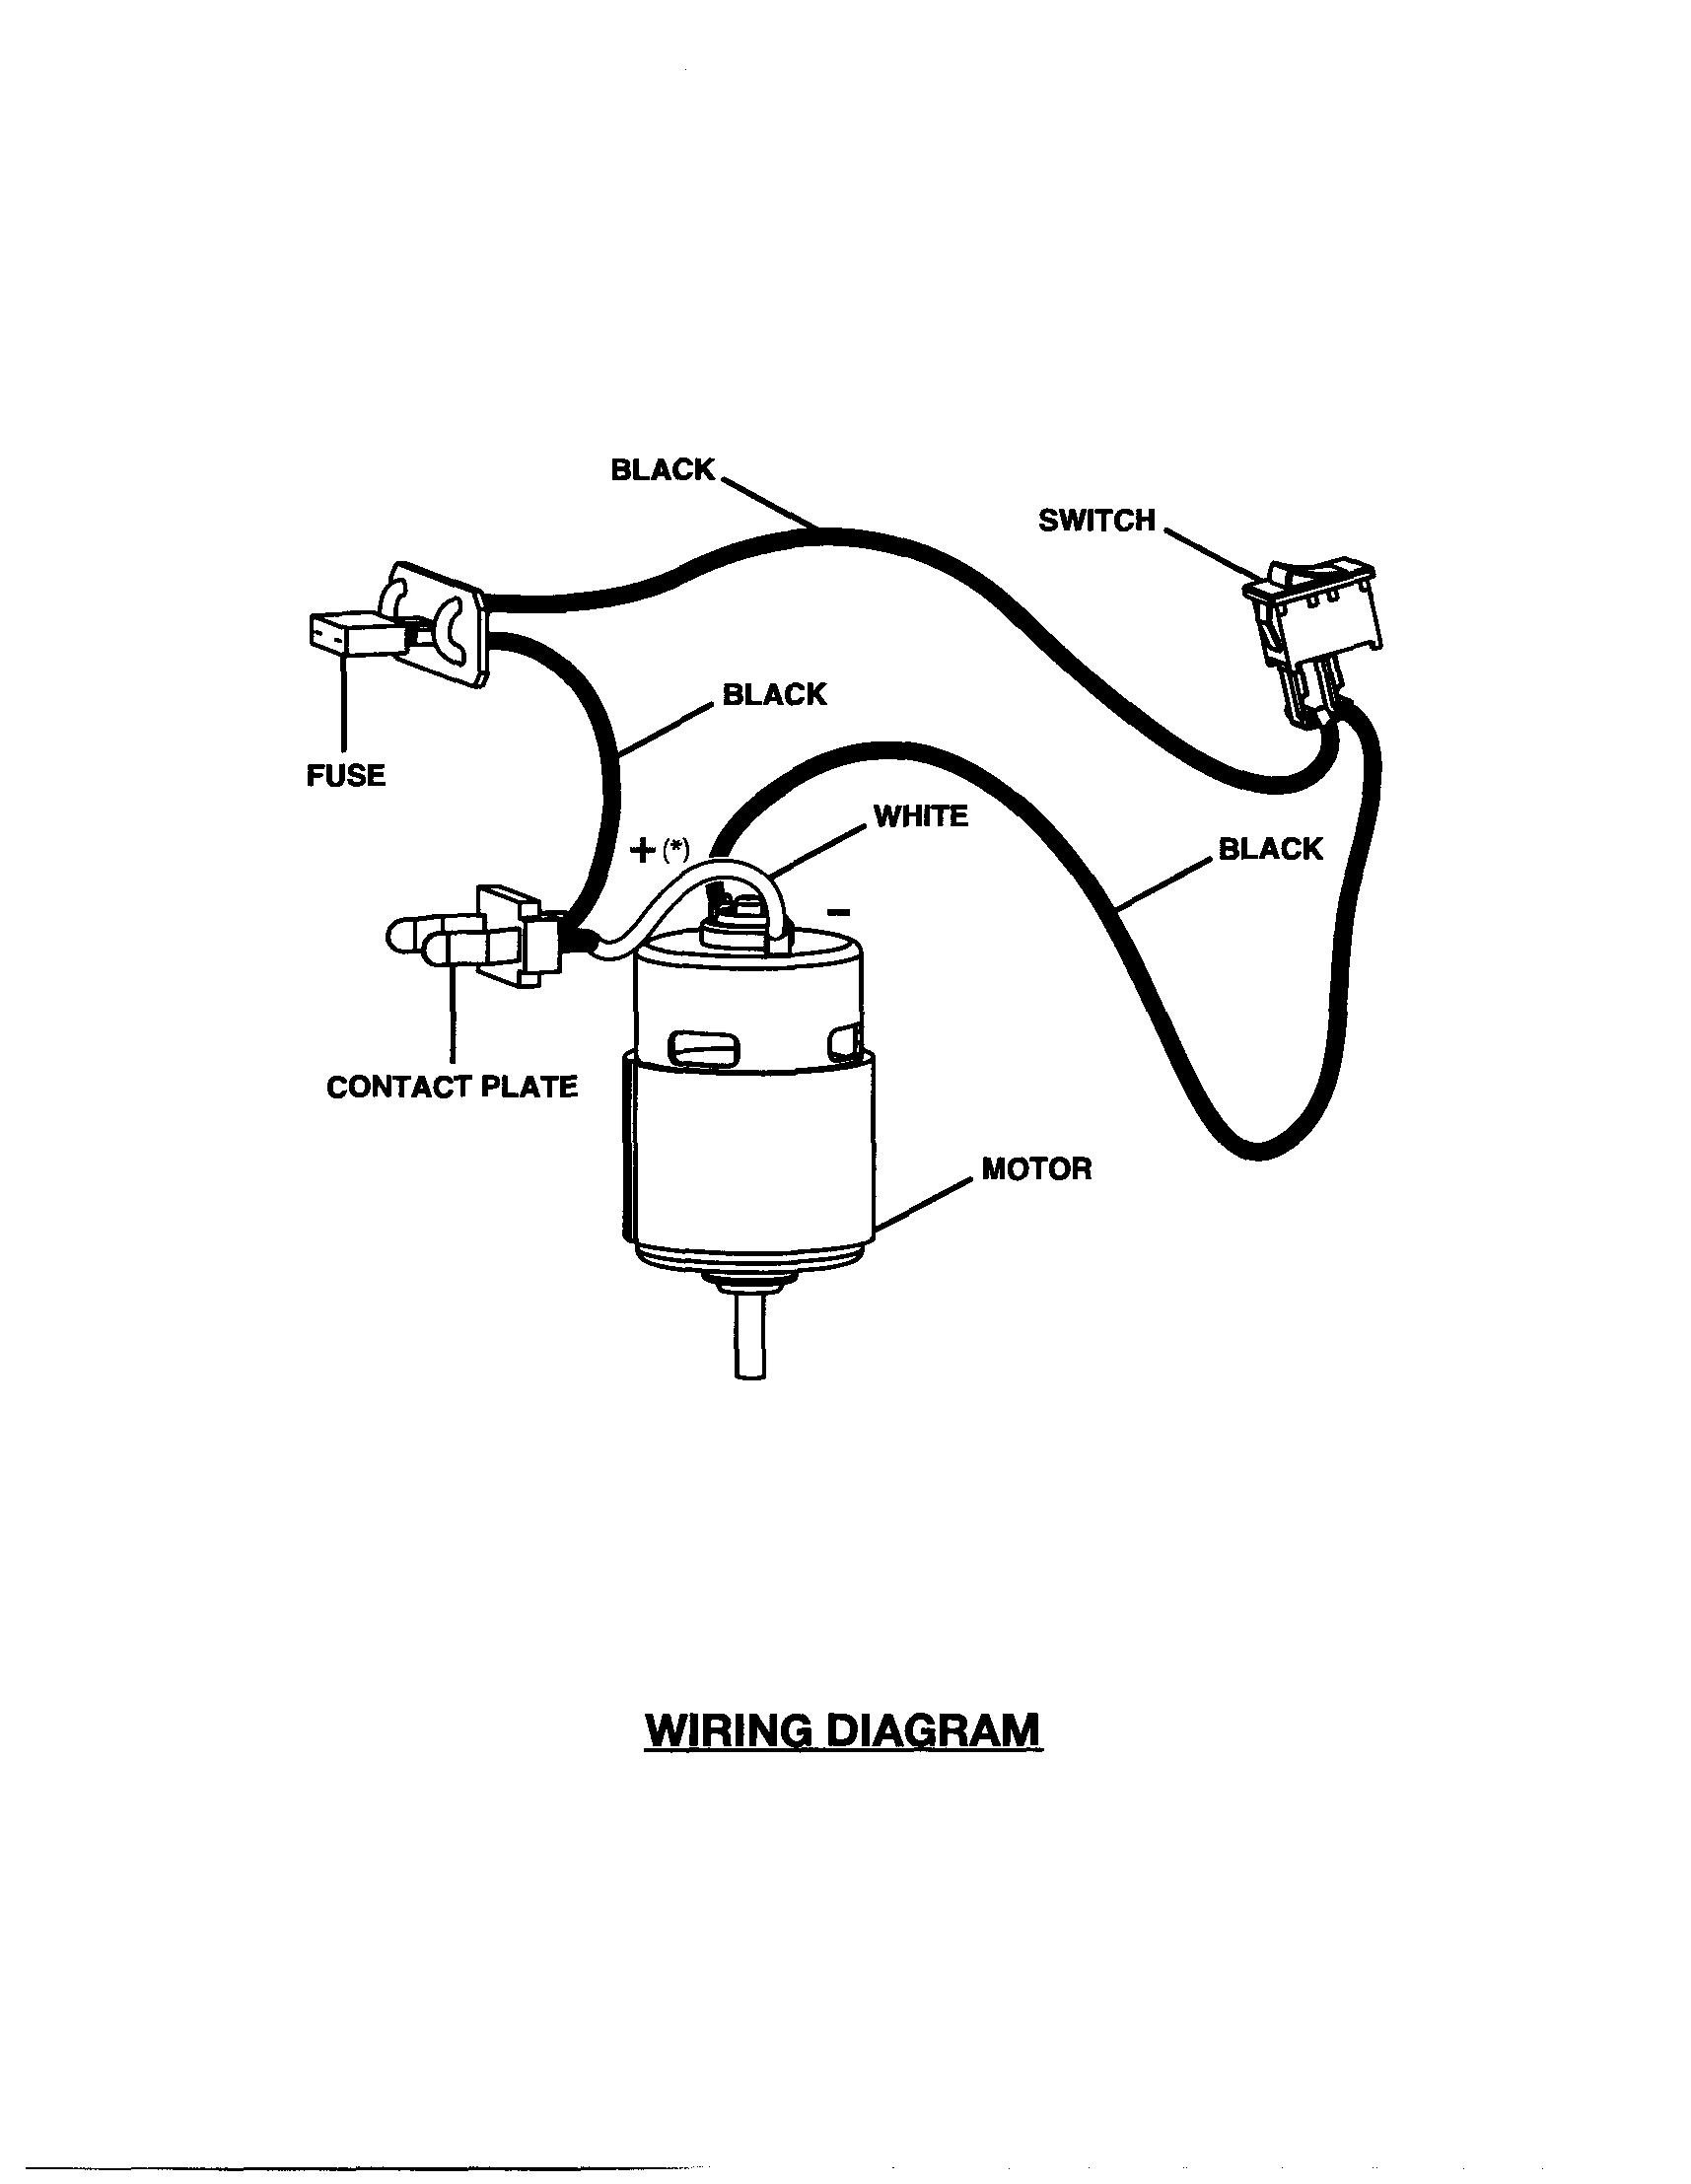 Motor Wiring Diagram For Ridgid